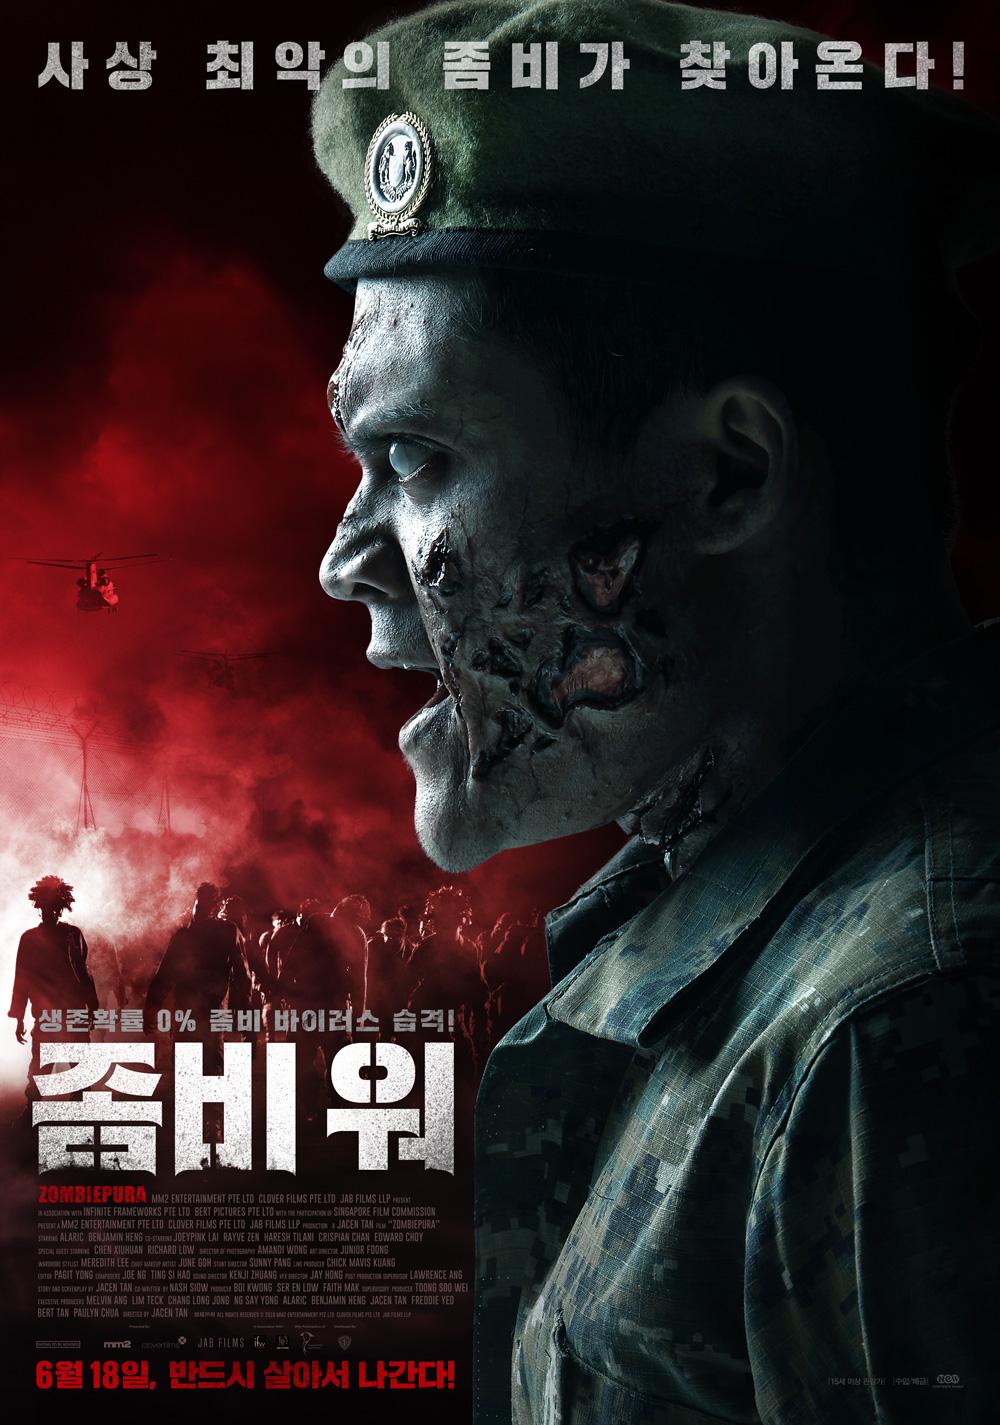 좀비 워 (Zombiepura, 2018)